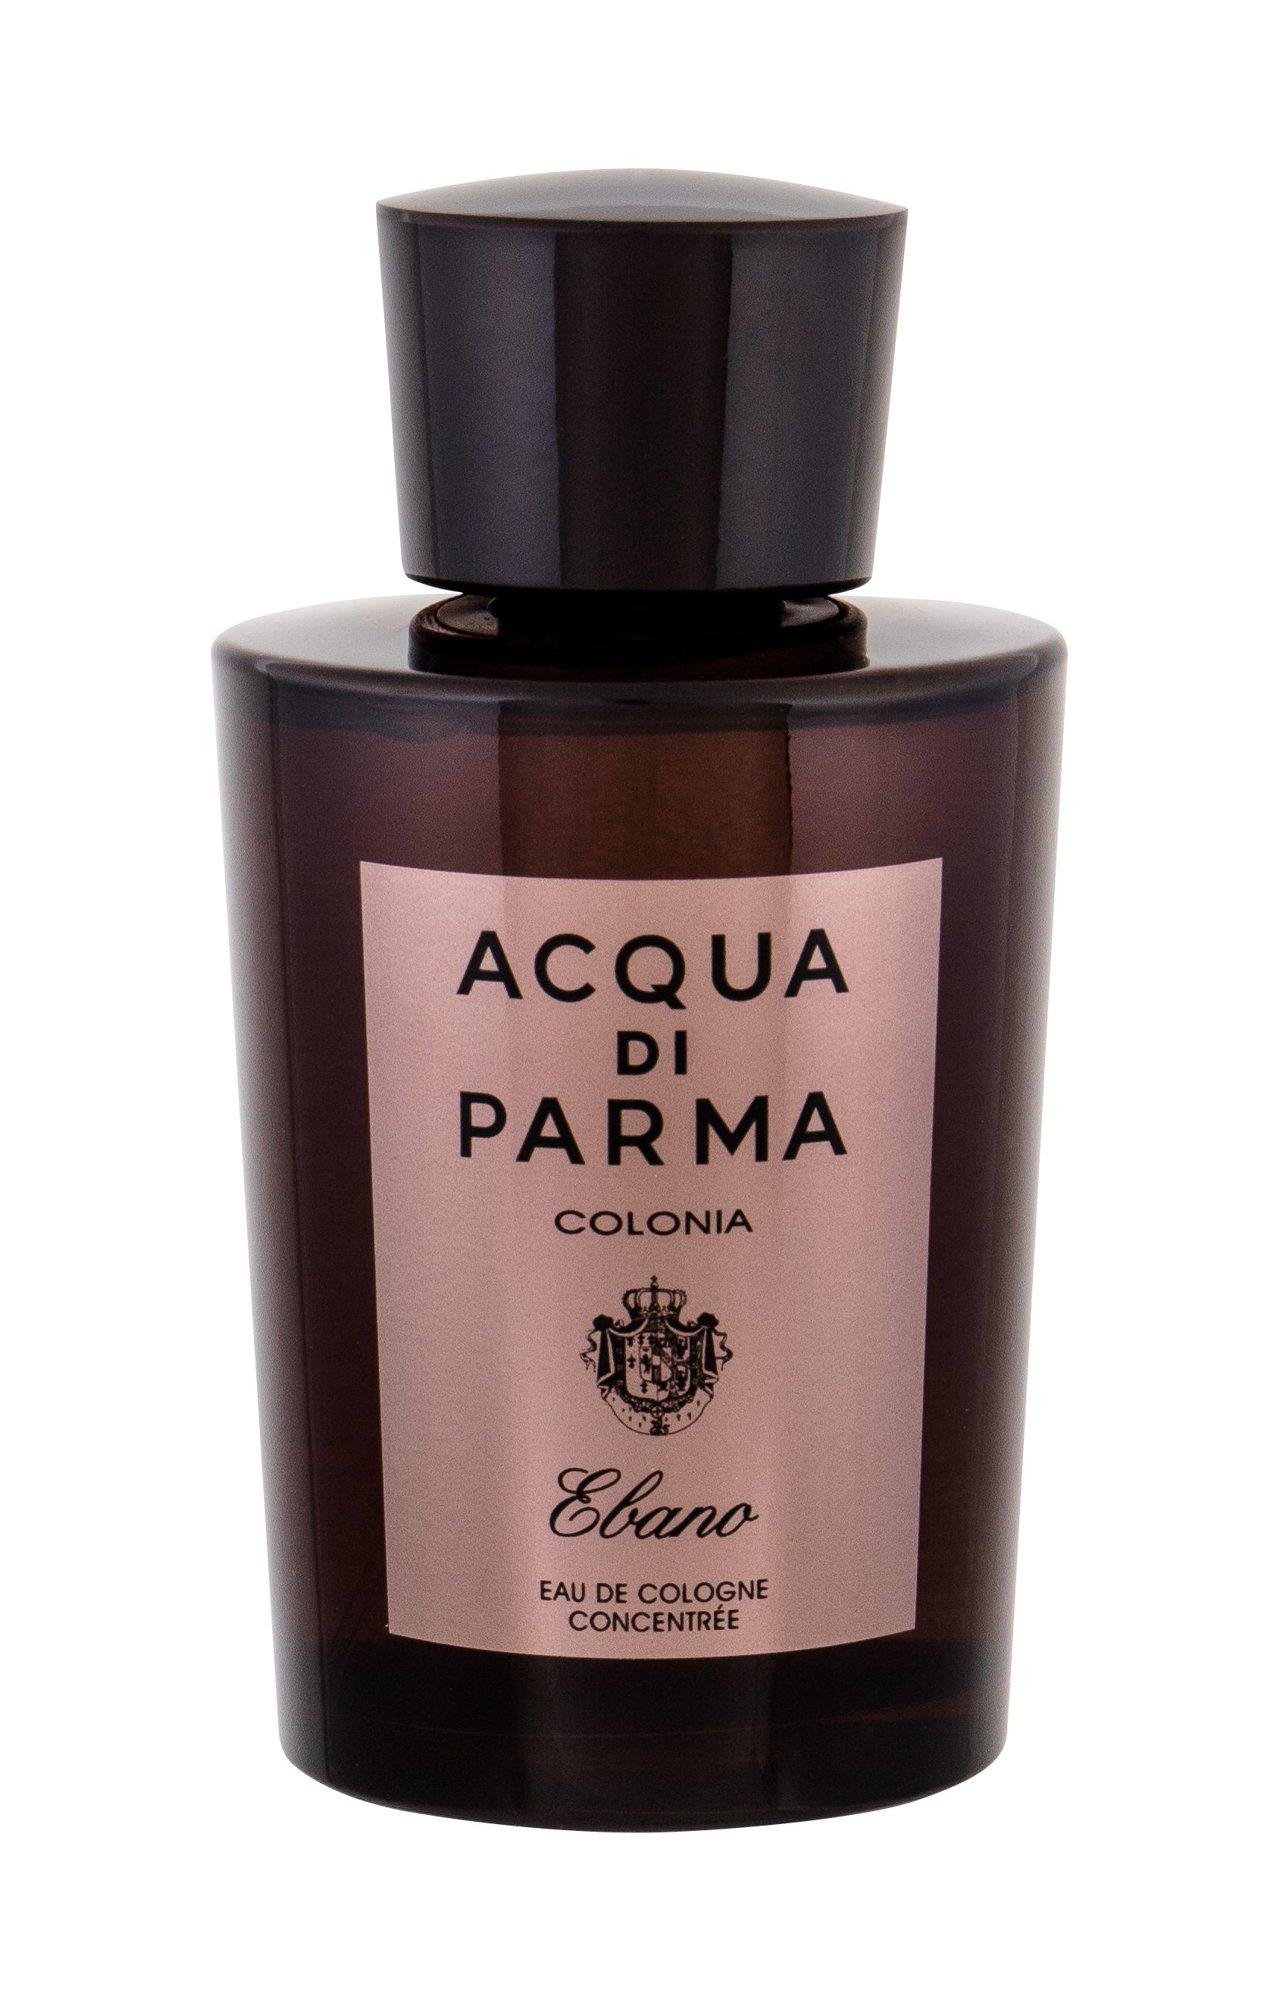 Acqua di Parma Colonia Ebano (M)